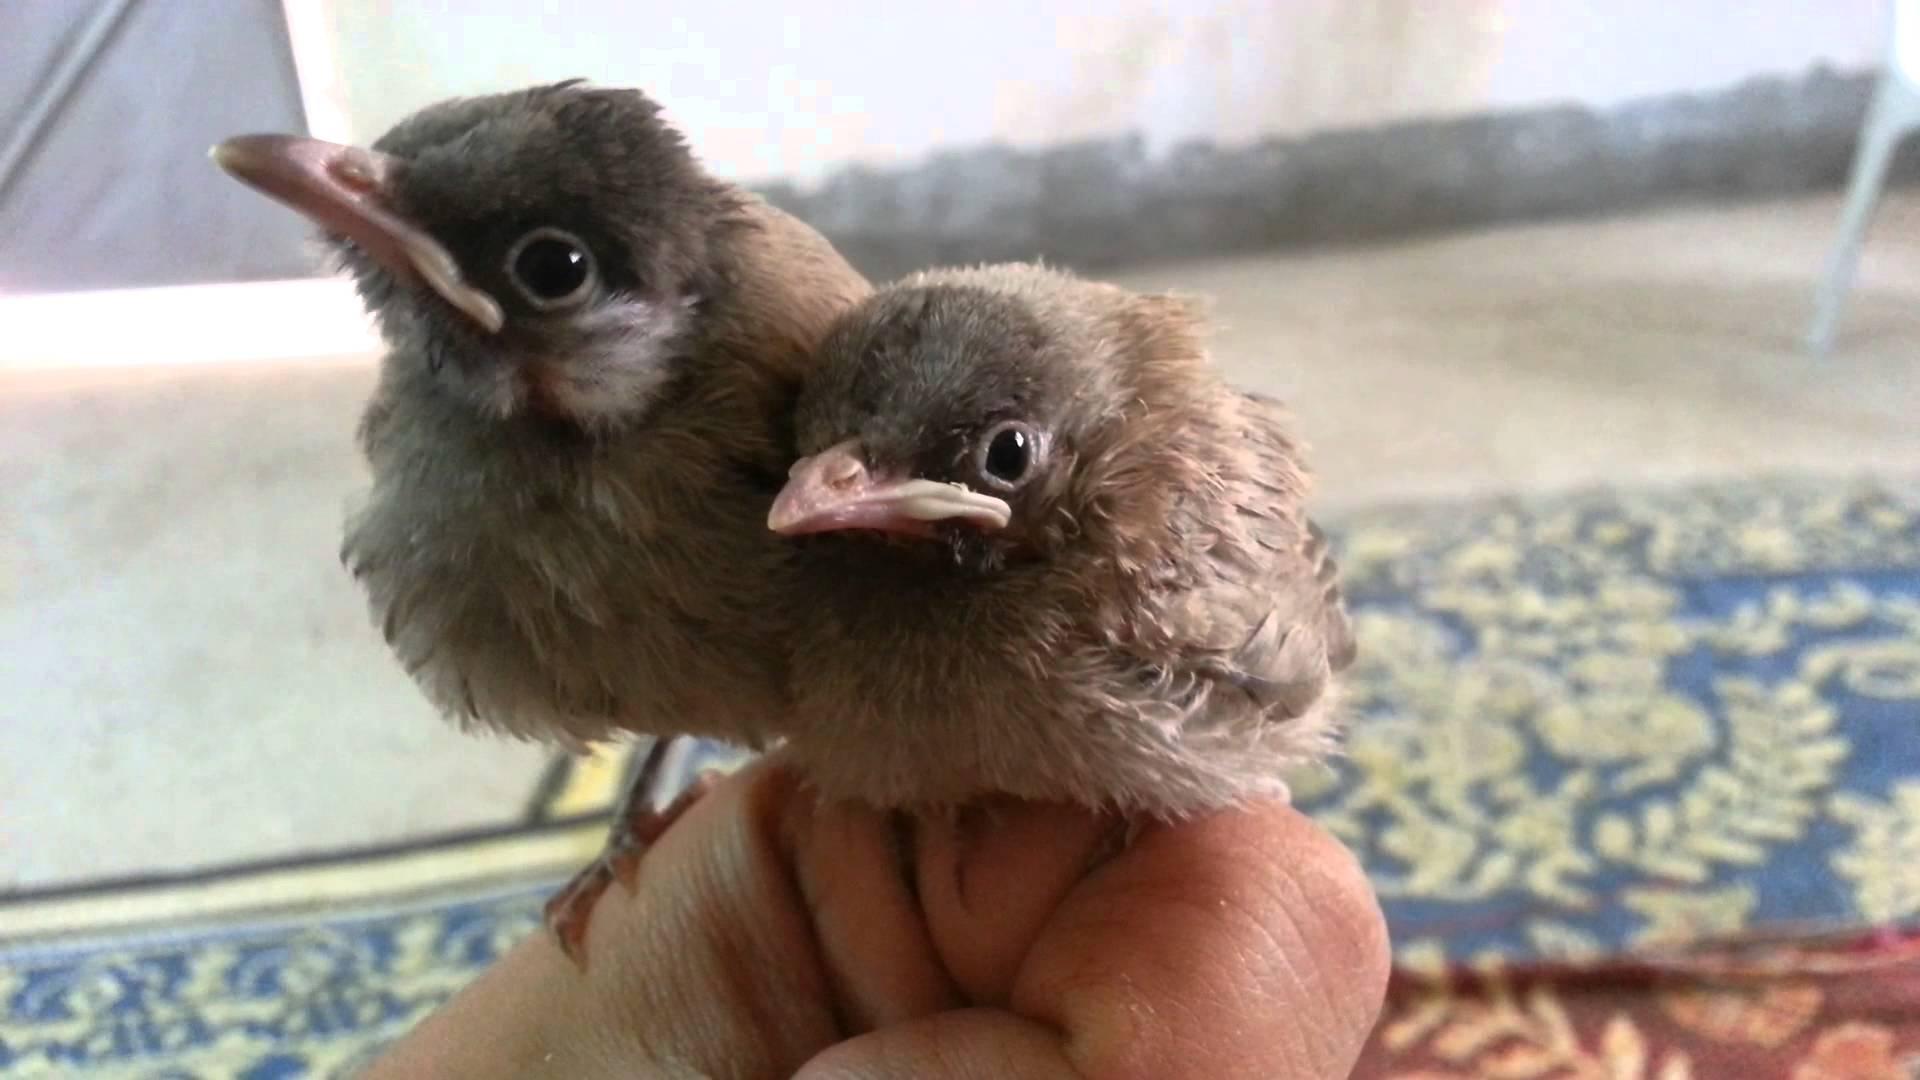 بالصور بلابل عراقية , صور لطيور البلابل العراق 3719 9